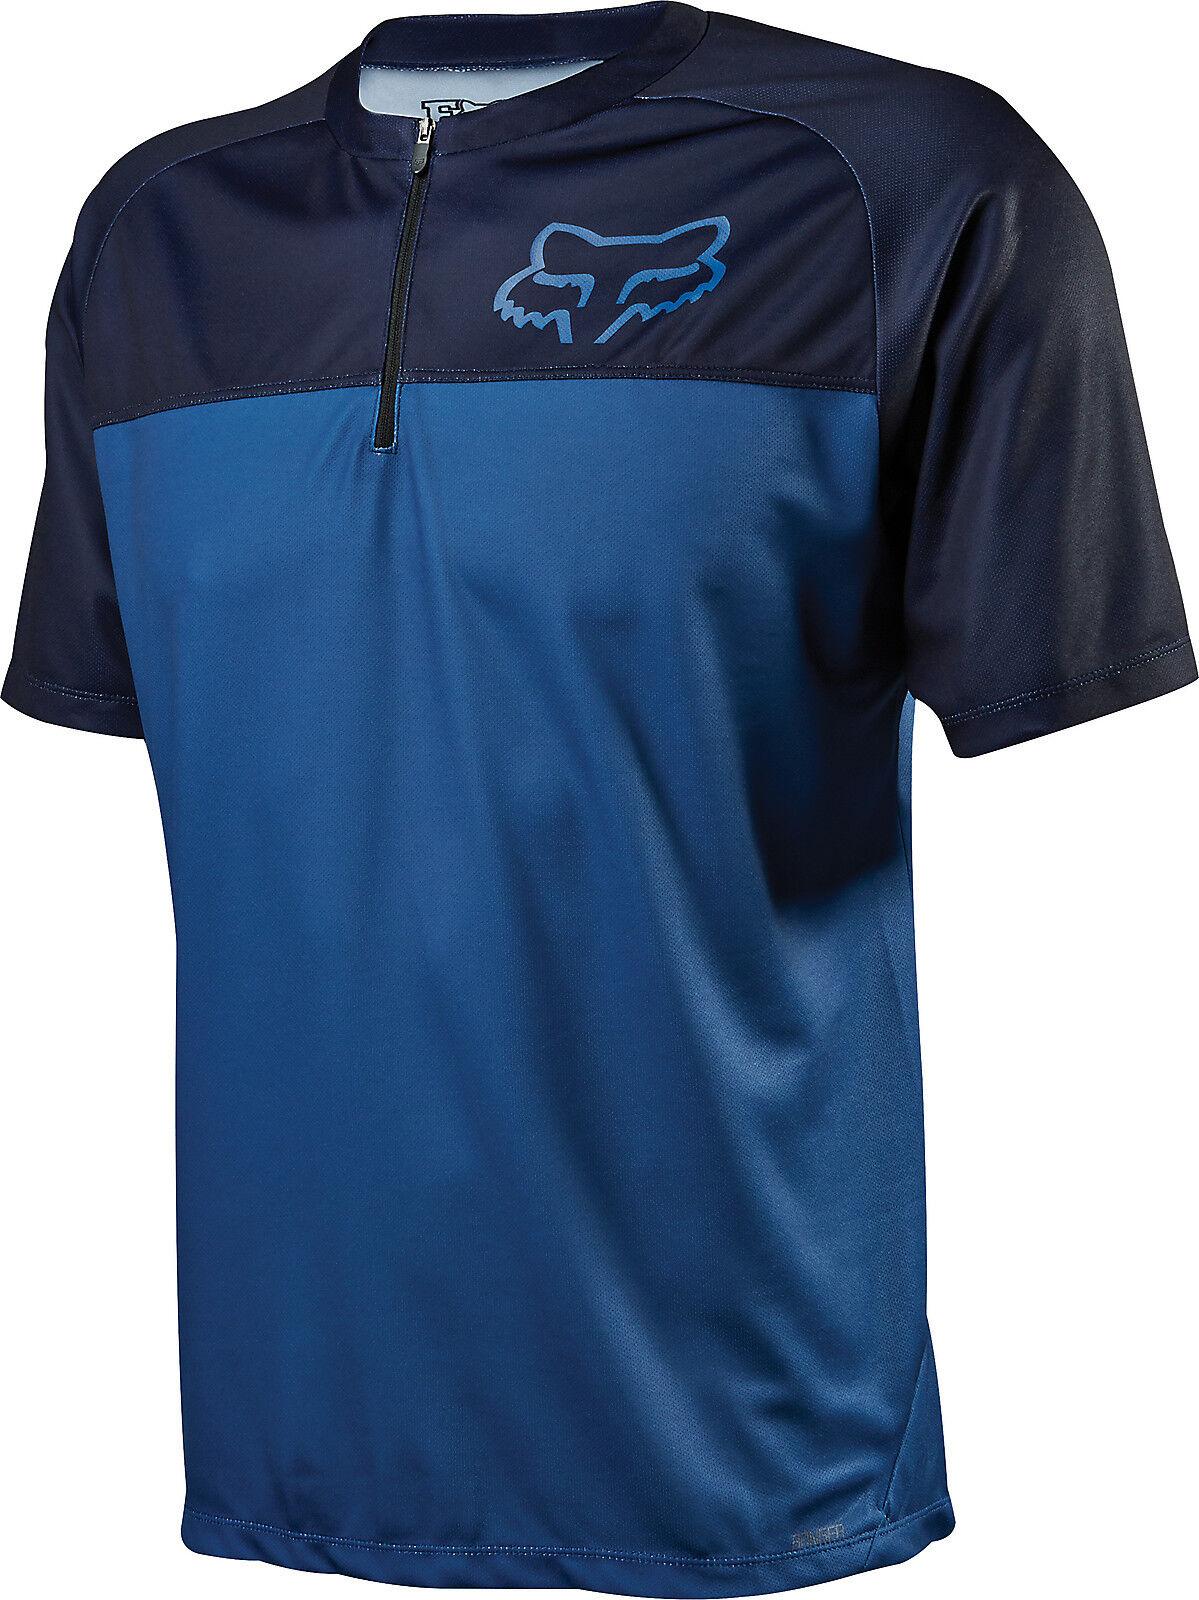 Fox Racing Ranger s/s Jersey Jersey Jersey blu be86a9